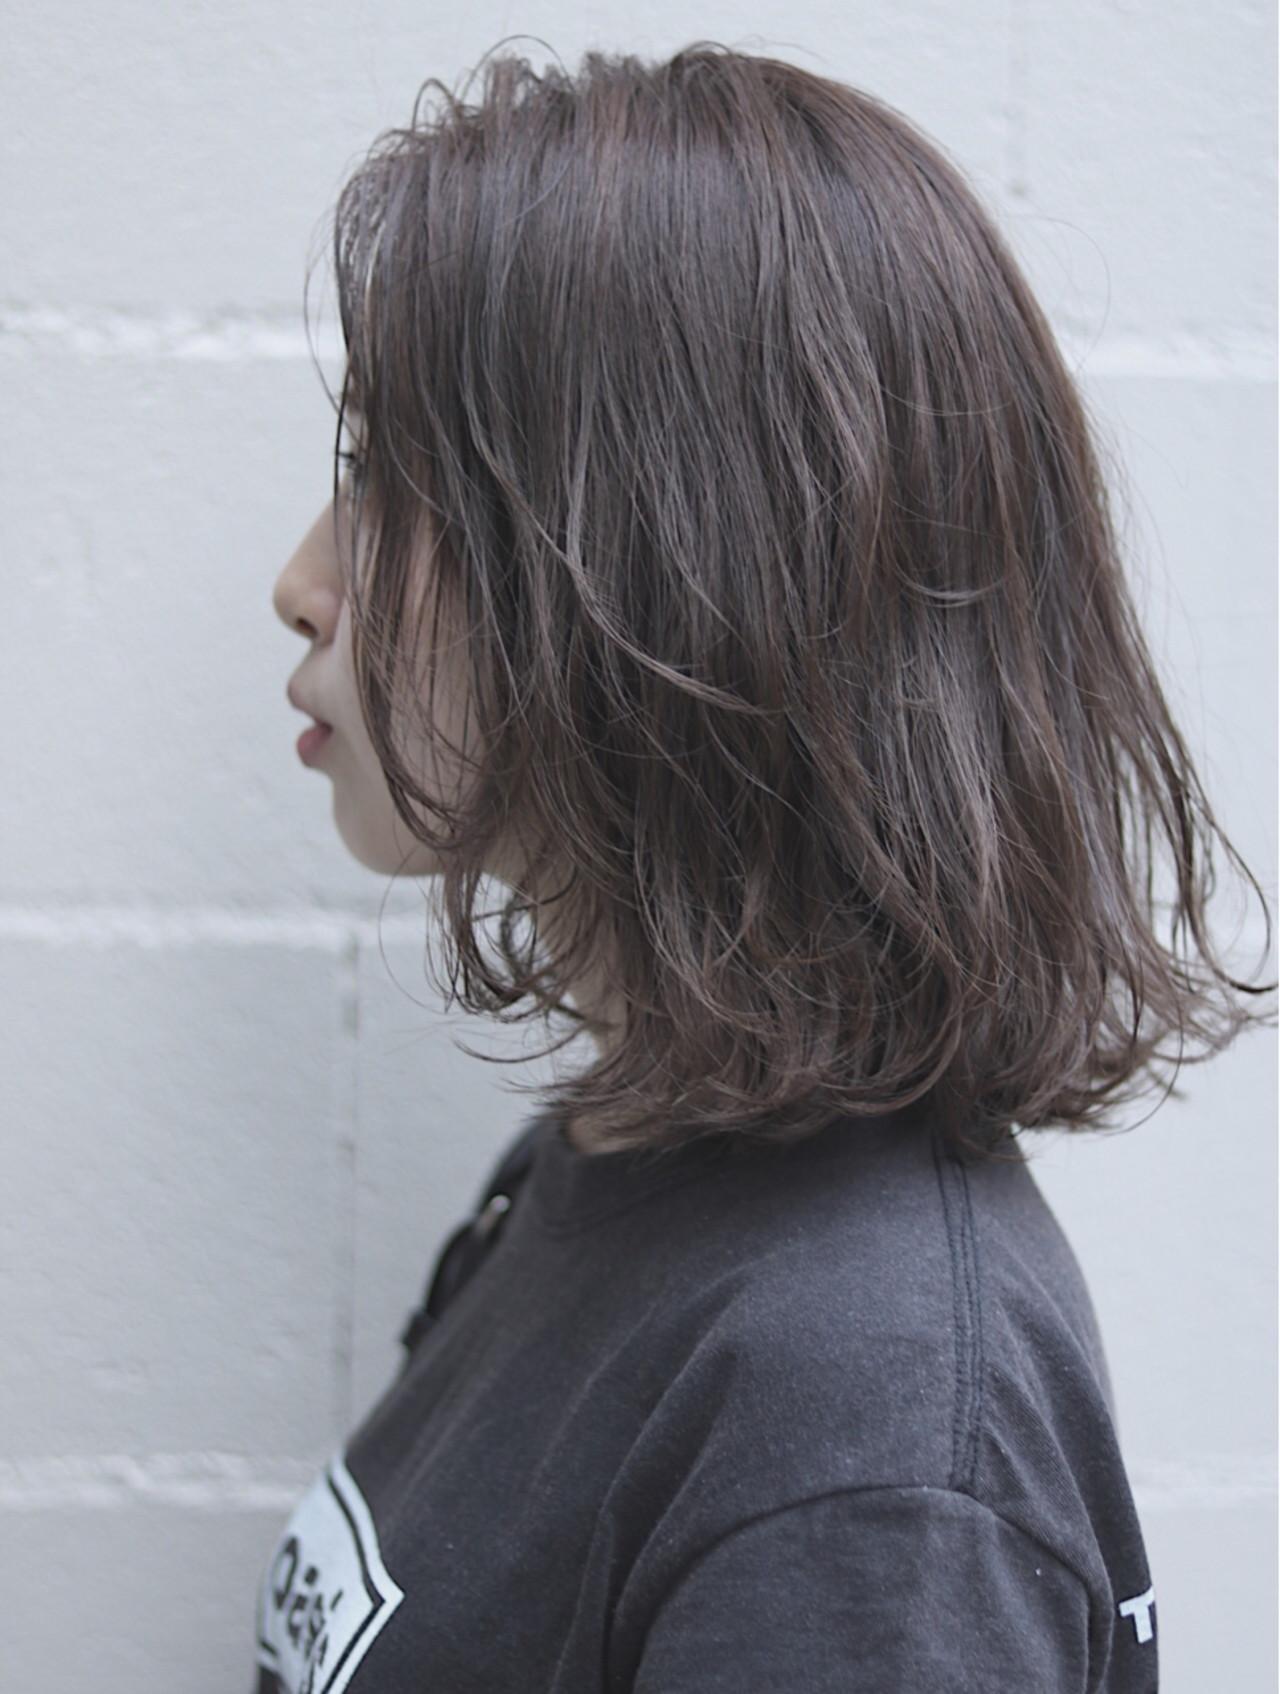 イルミナカラー ミディアム デート グレージュ ヘアスタイルや髪型の写真・画像